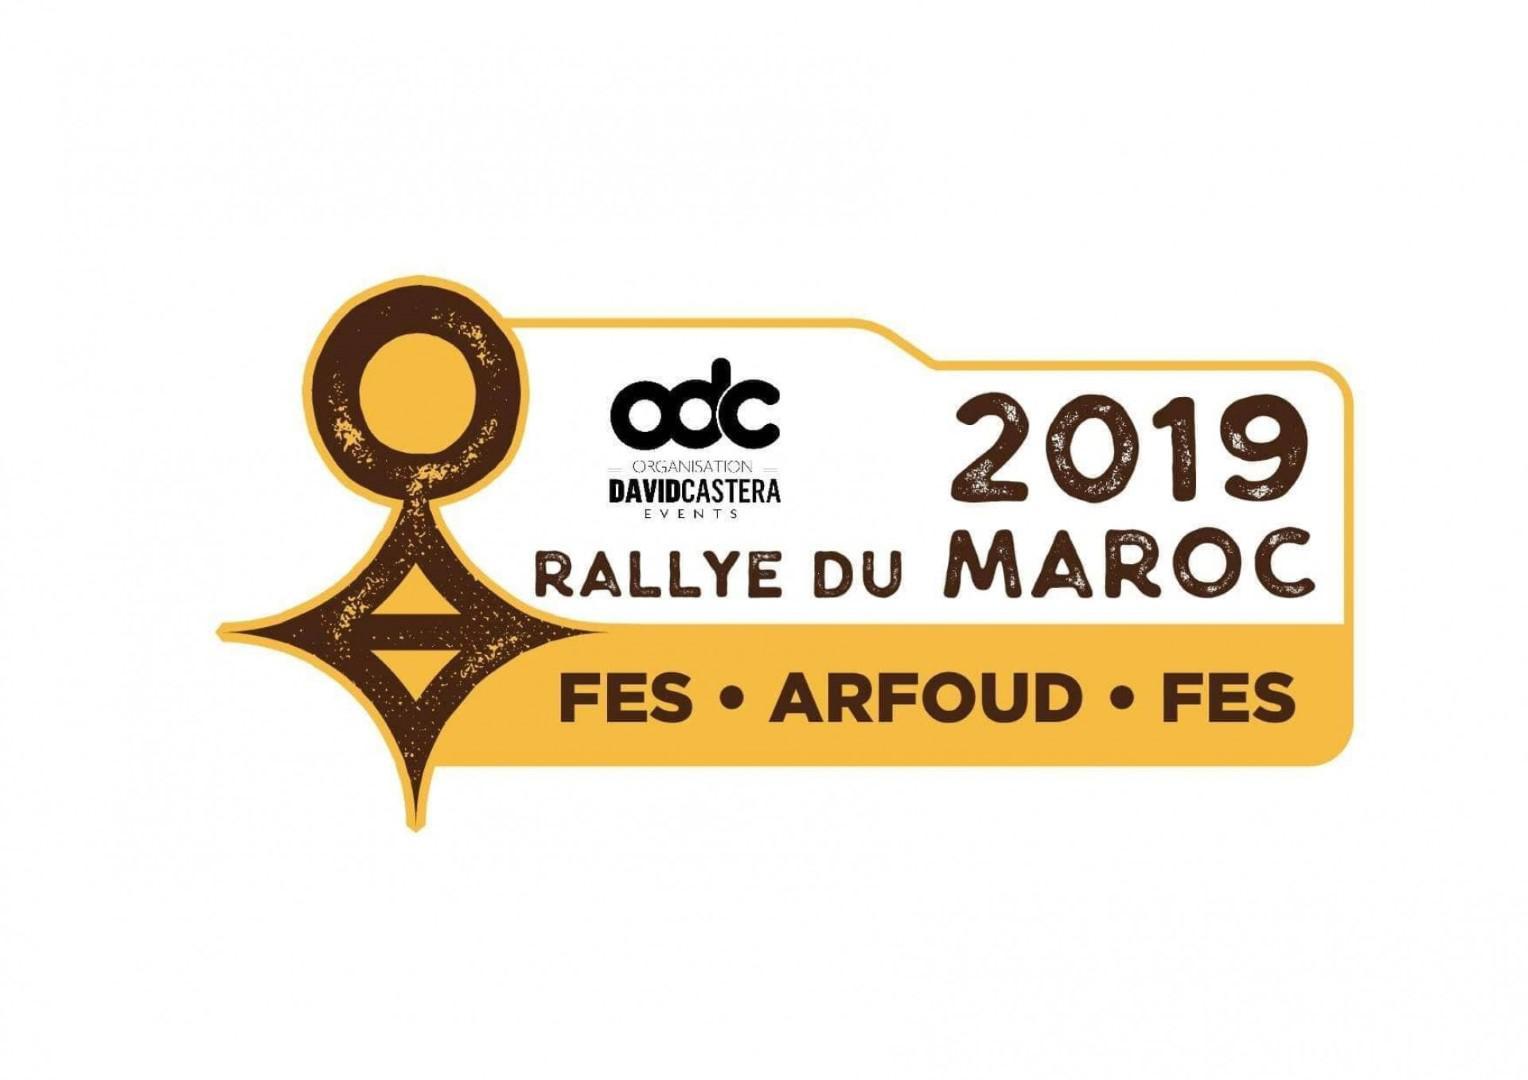 Rallye du Maroc 2019: Un plateau de qualité au départ de Fès.